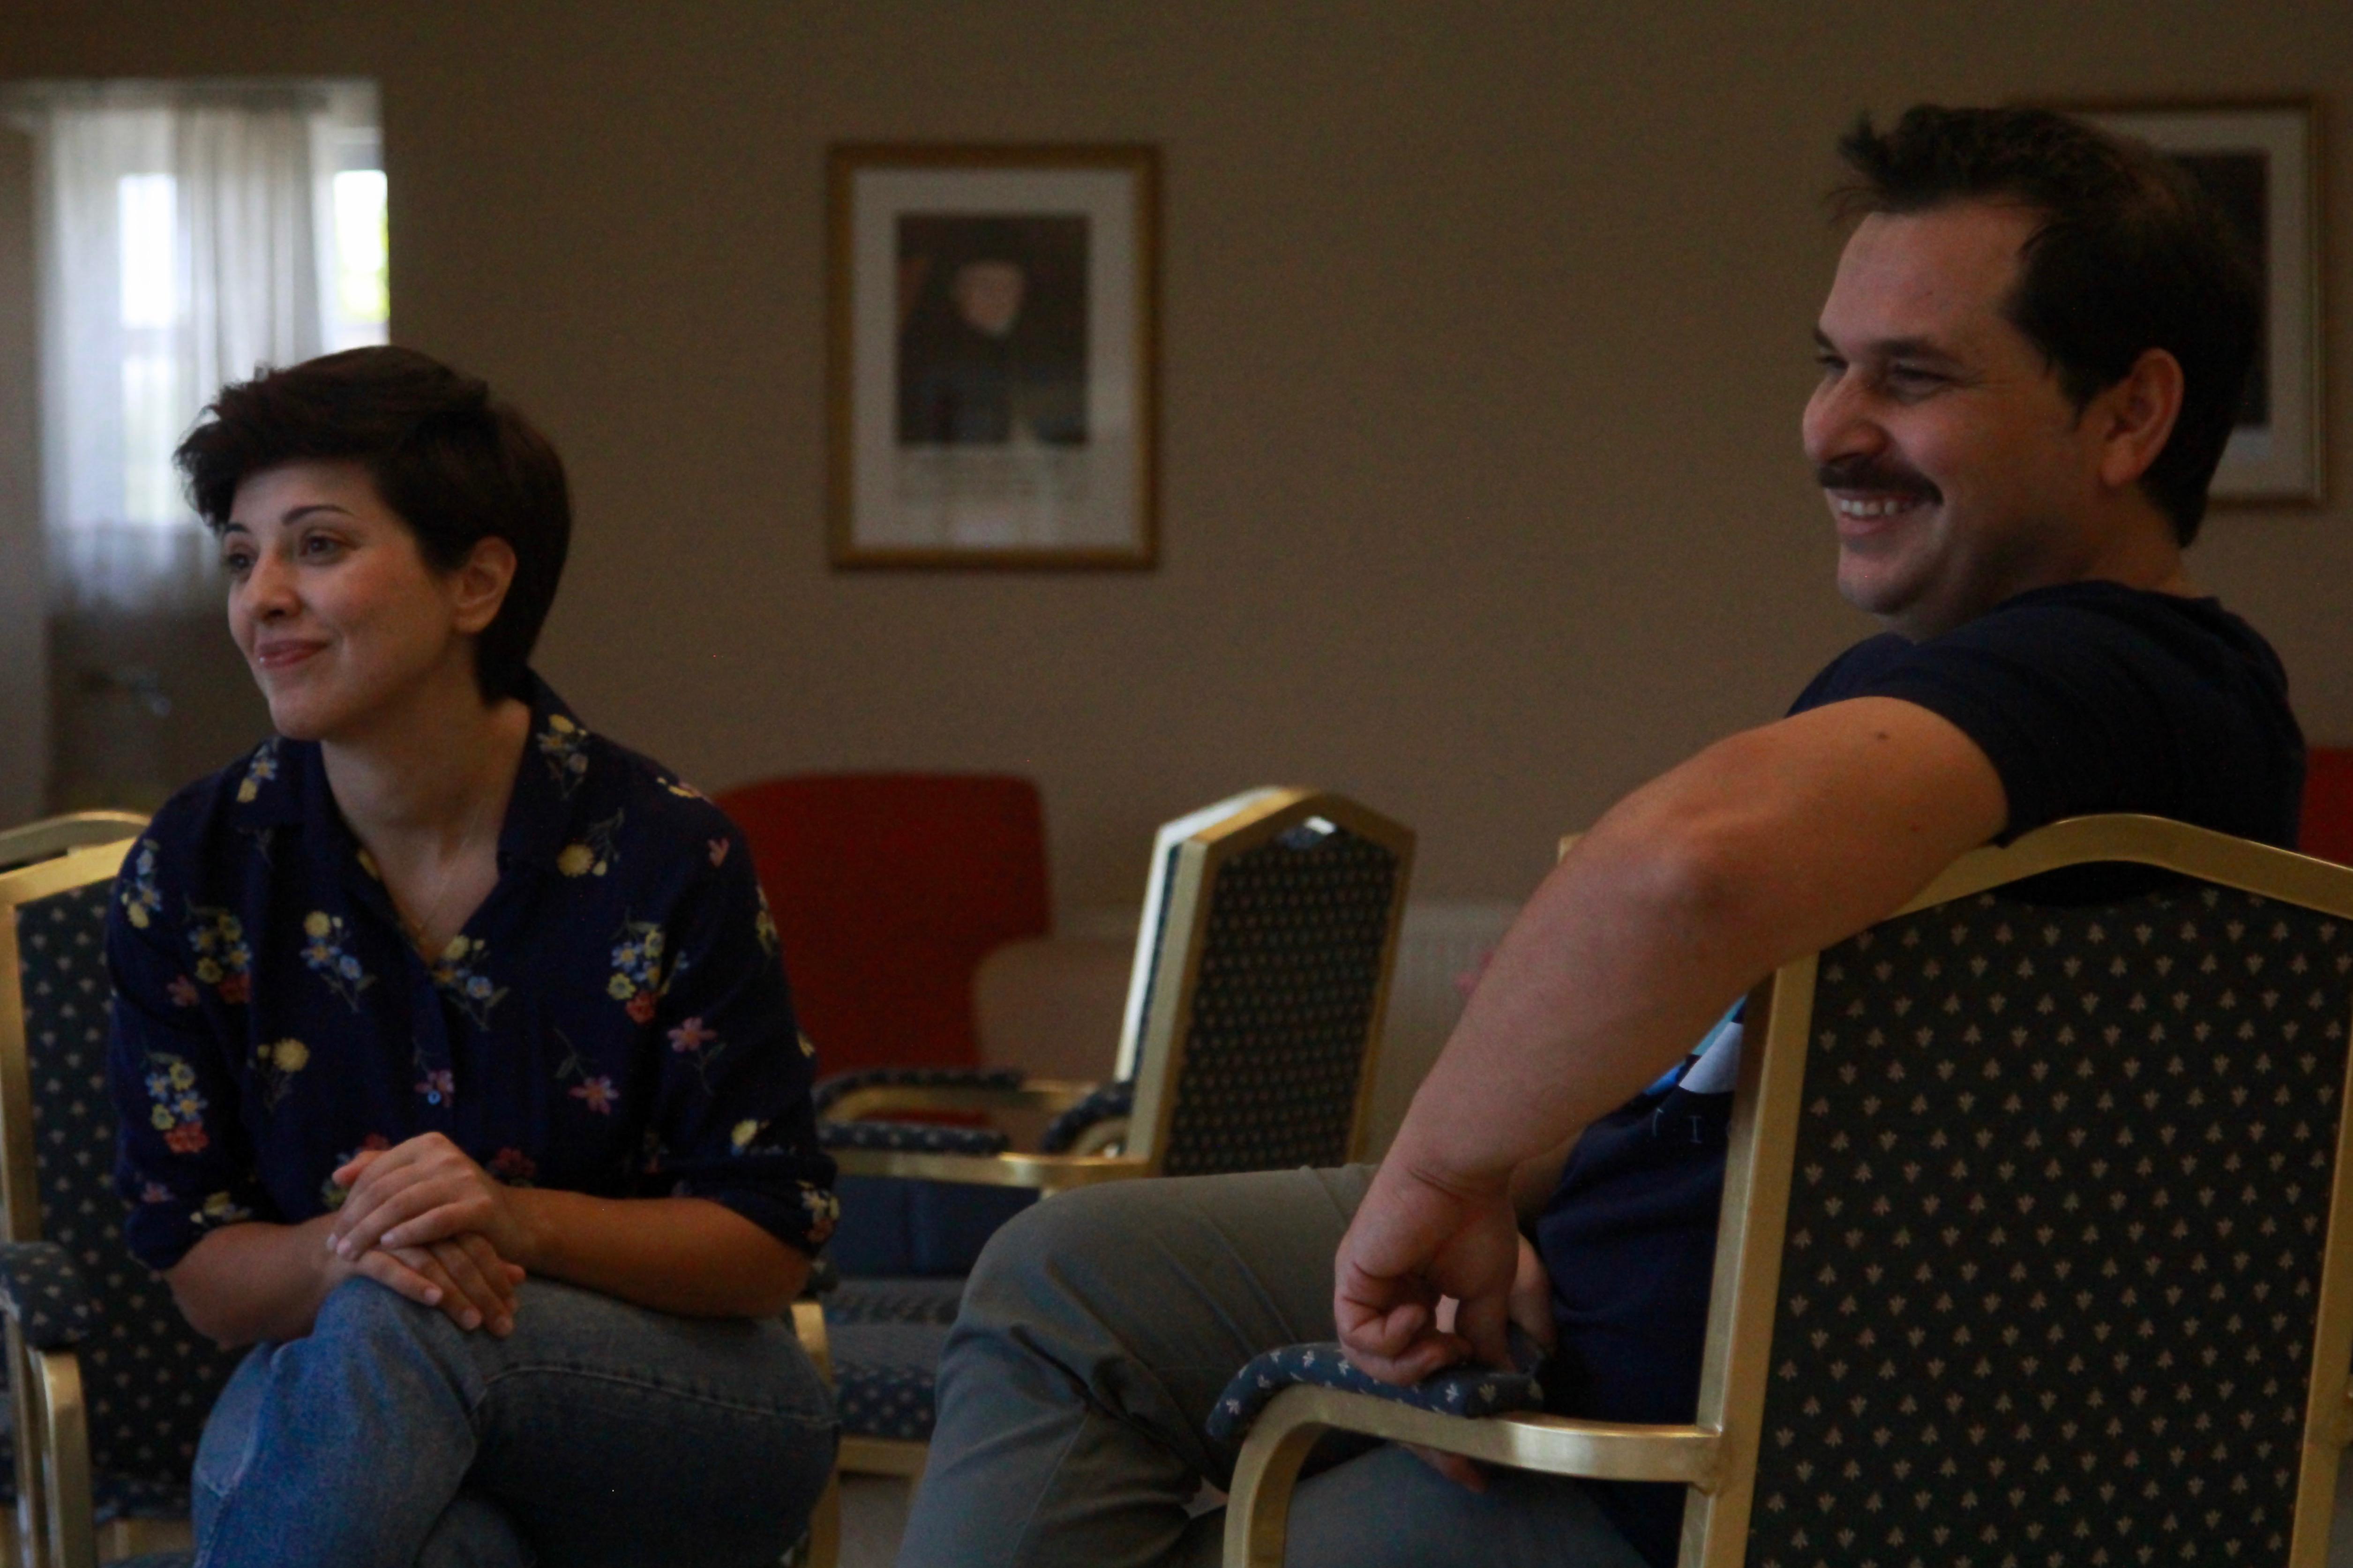 Ο Νότης Παρασκευόπουλος και η Κωνσταντίνα Μαλτέζου πιστεύουν ότι το γήρας θέλει χαμόγελο